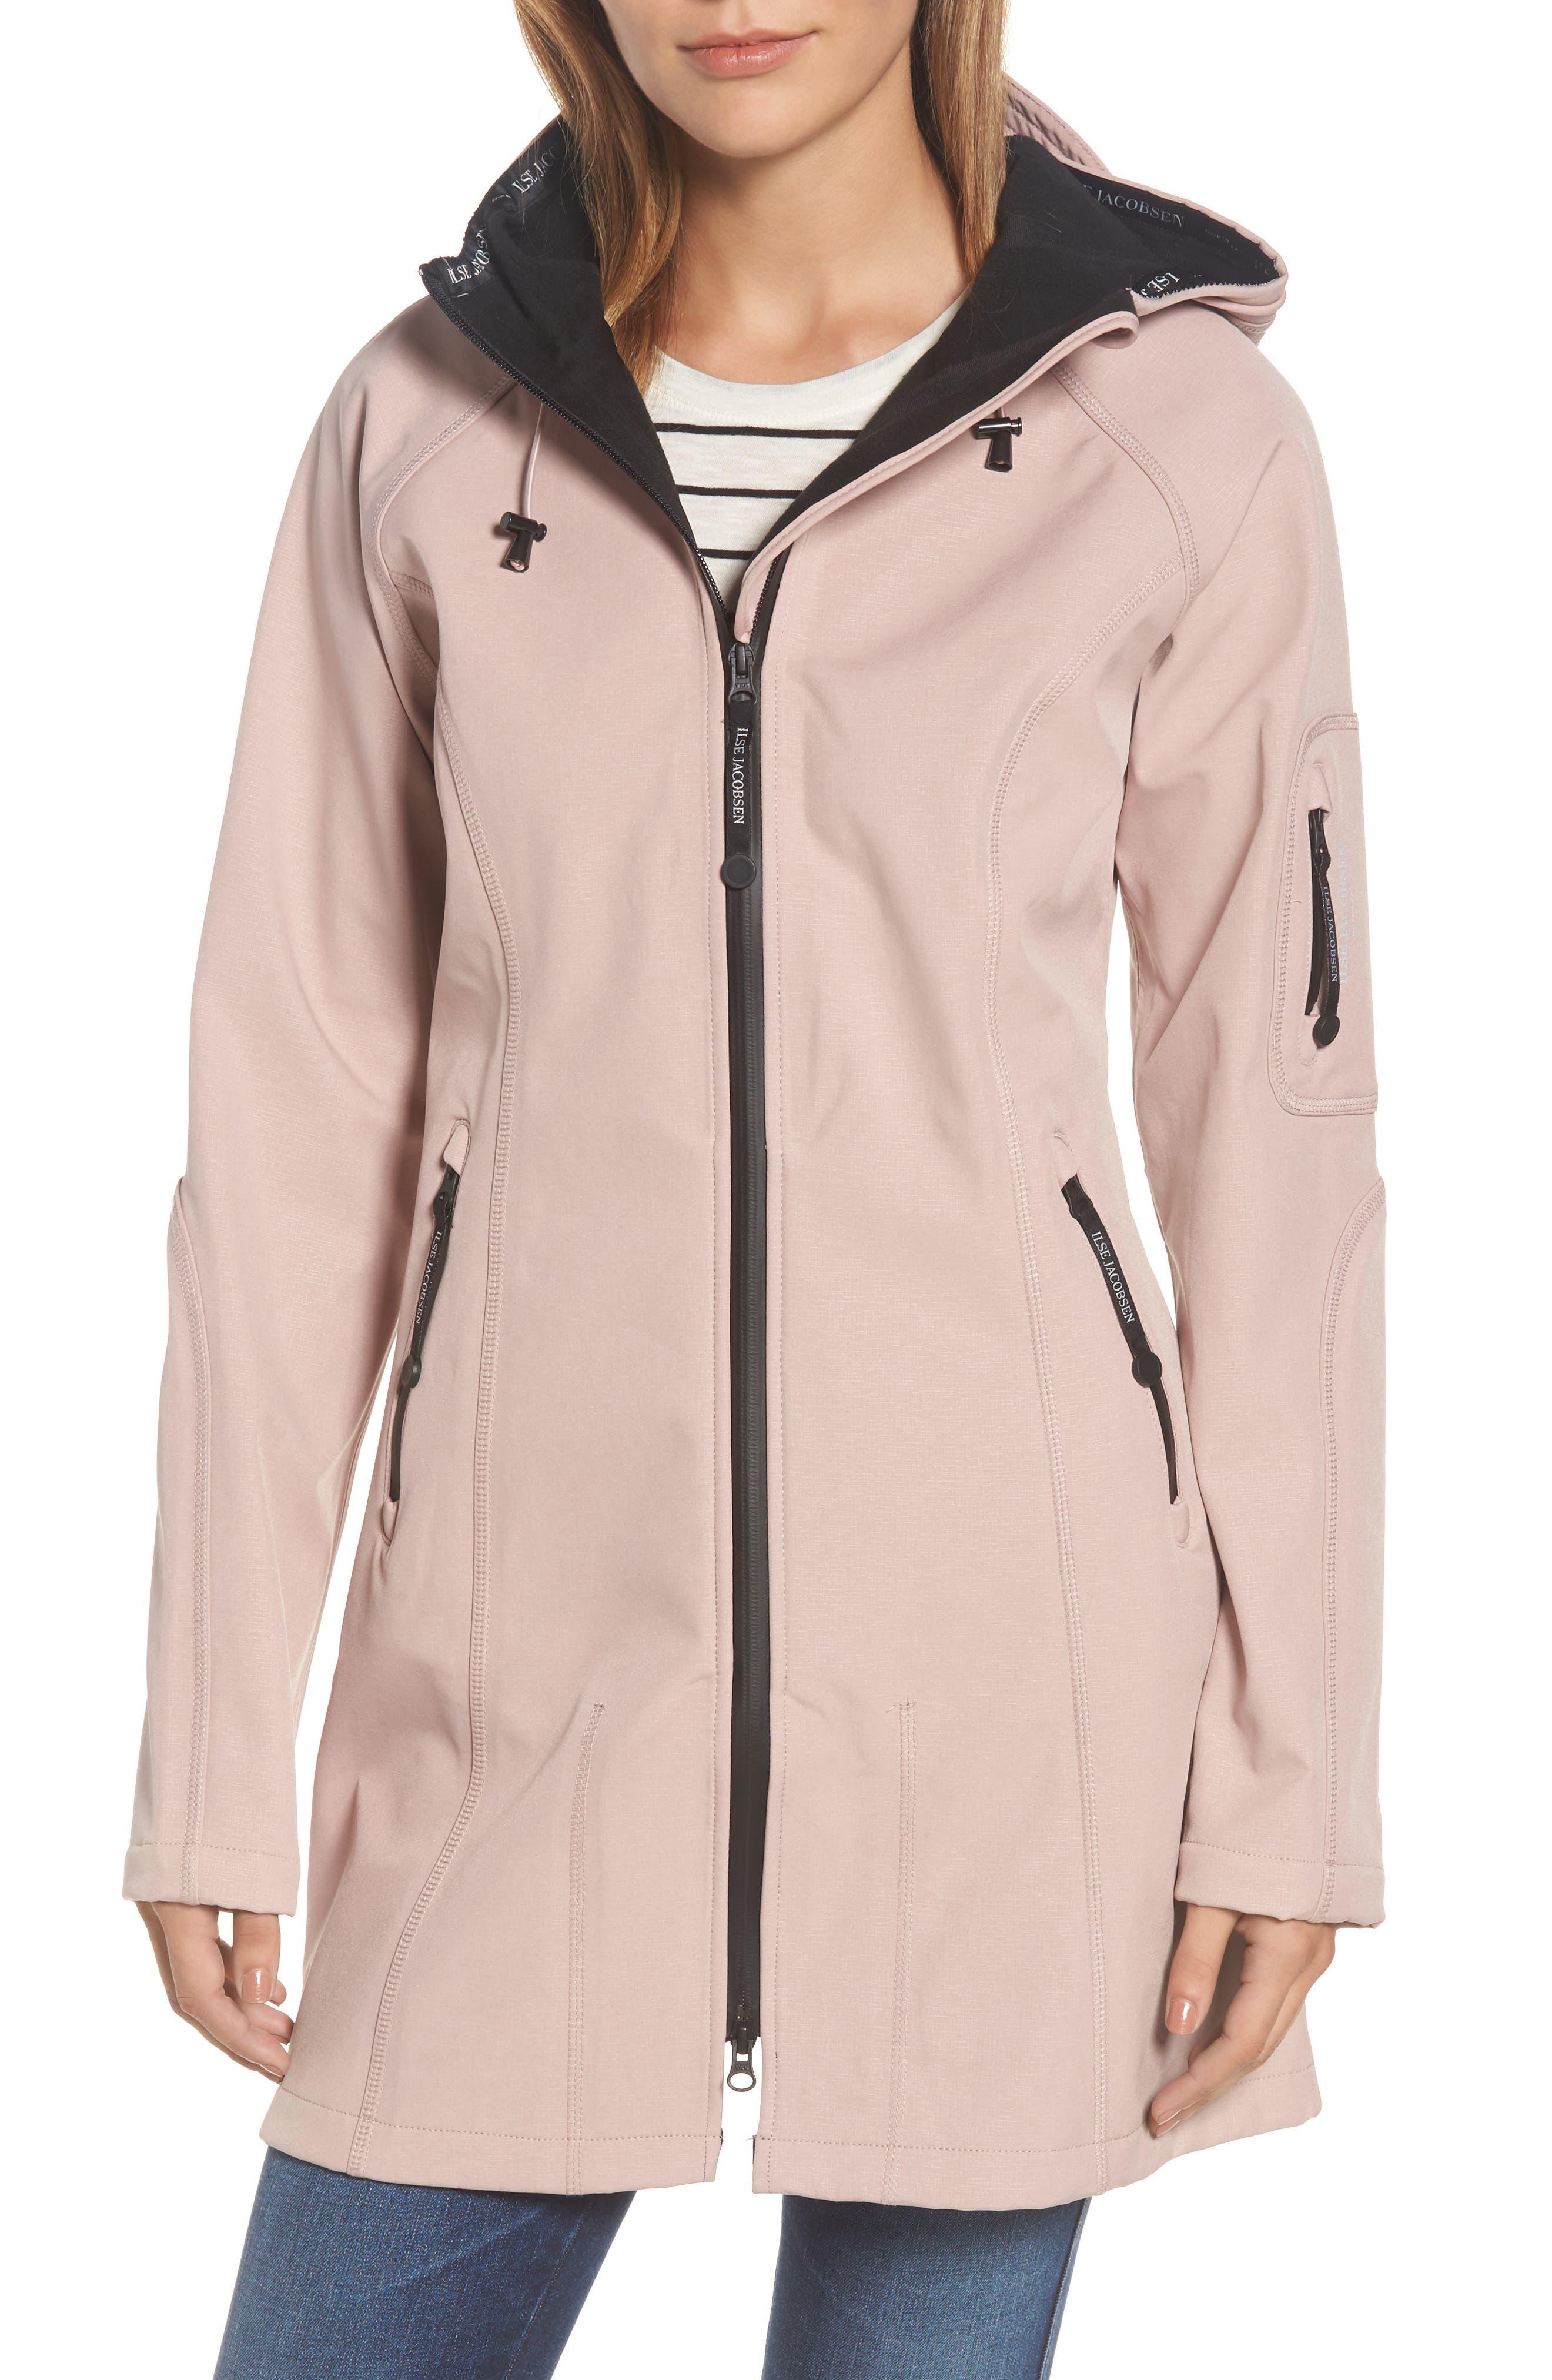 Ilse Jacobsen Regular Fit Hooded Raincoat